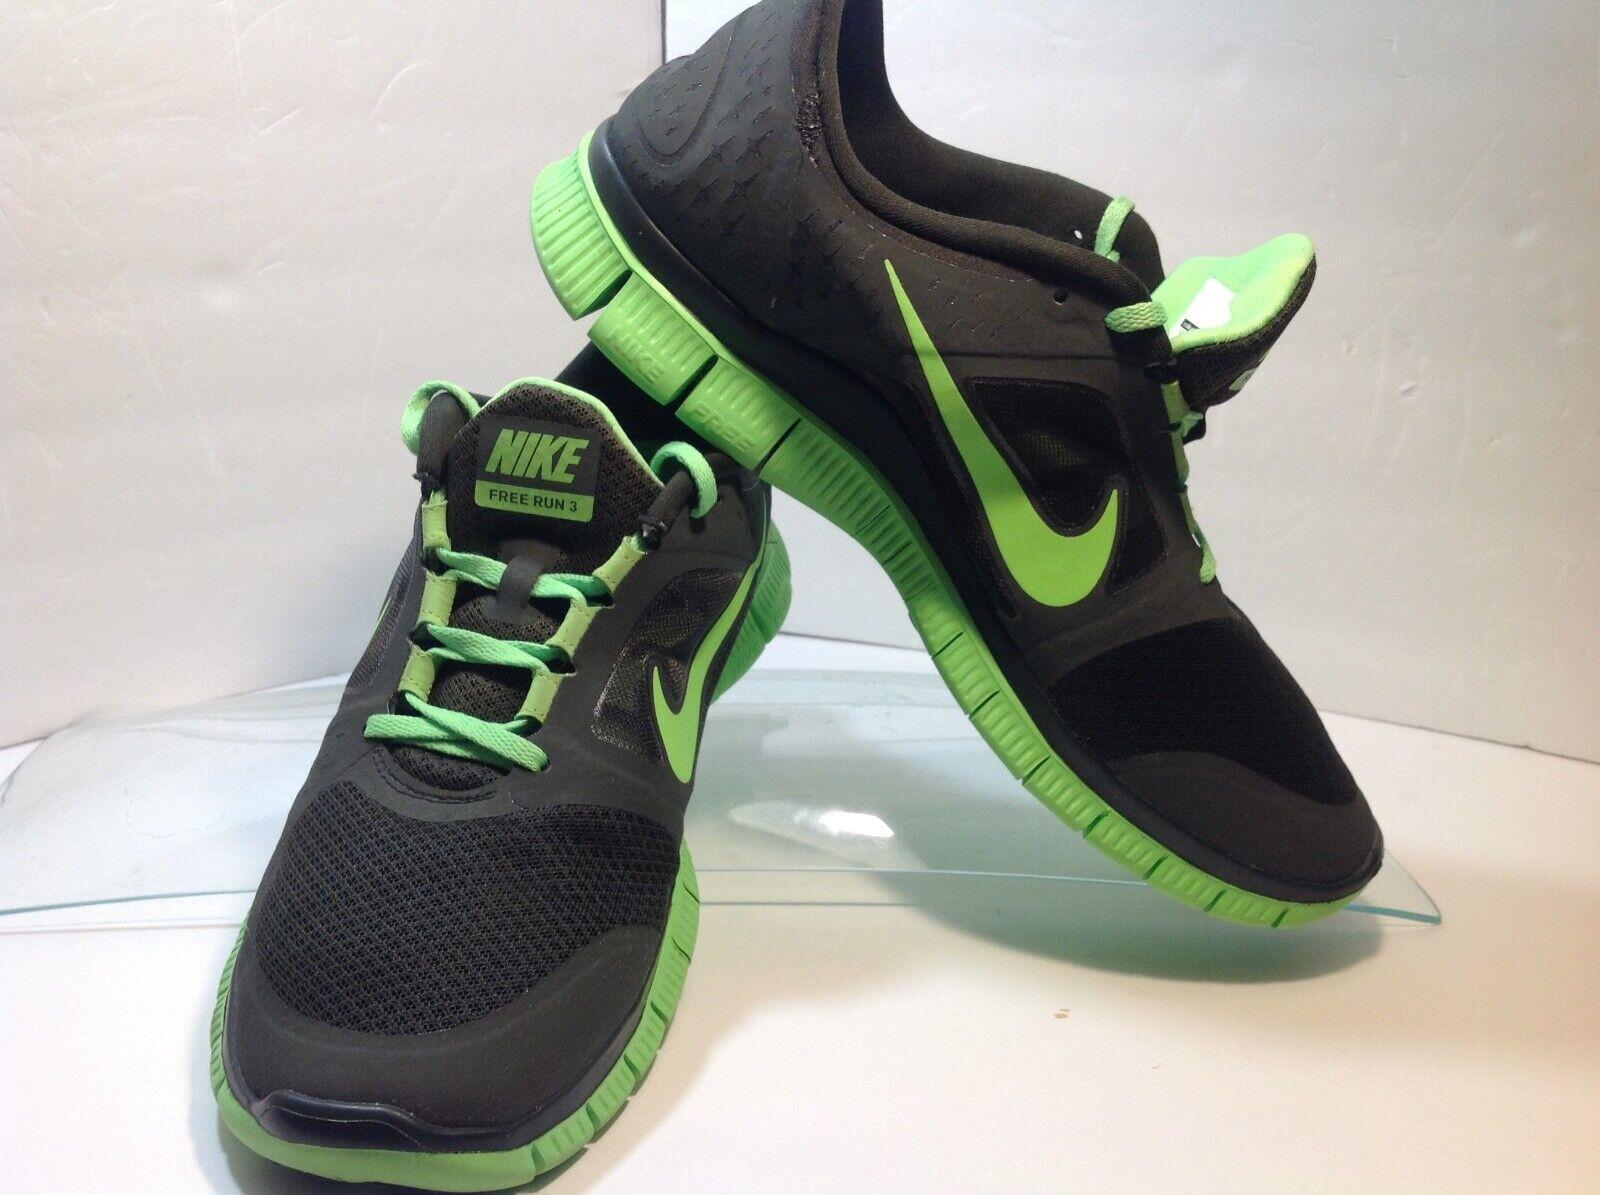 herr Nike free springa 3 Storlek 11 svart  grön 510642 -330 Flysticka